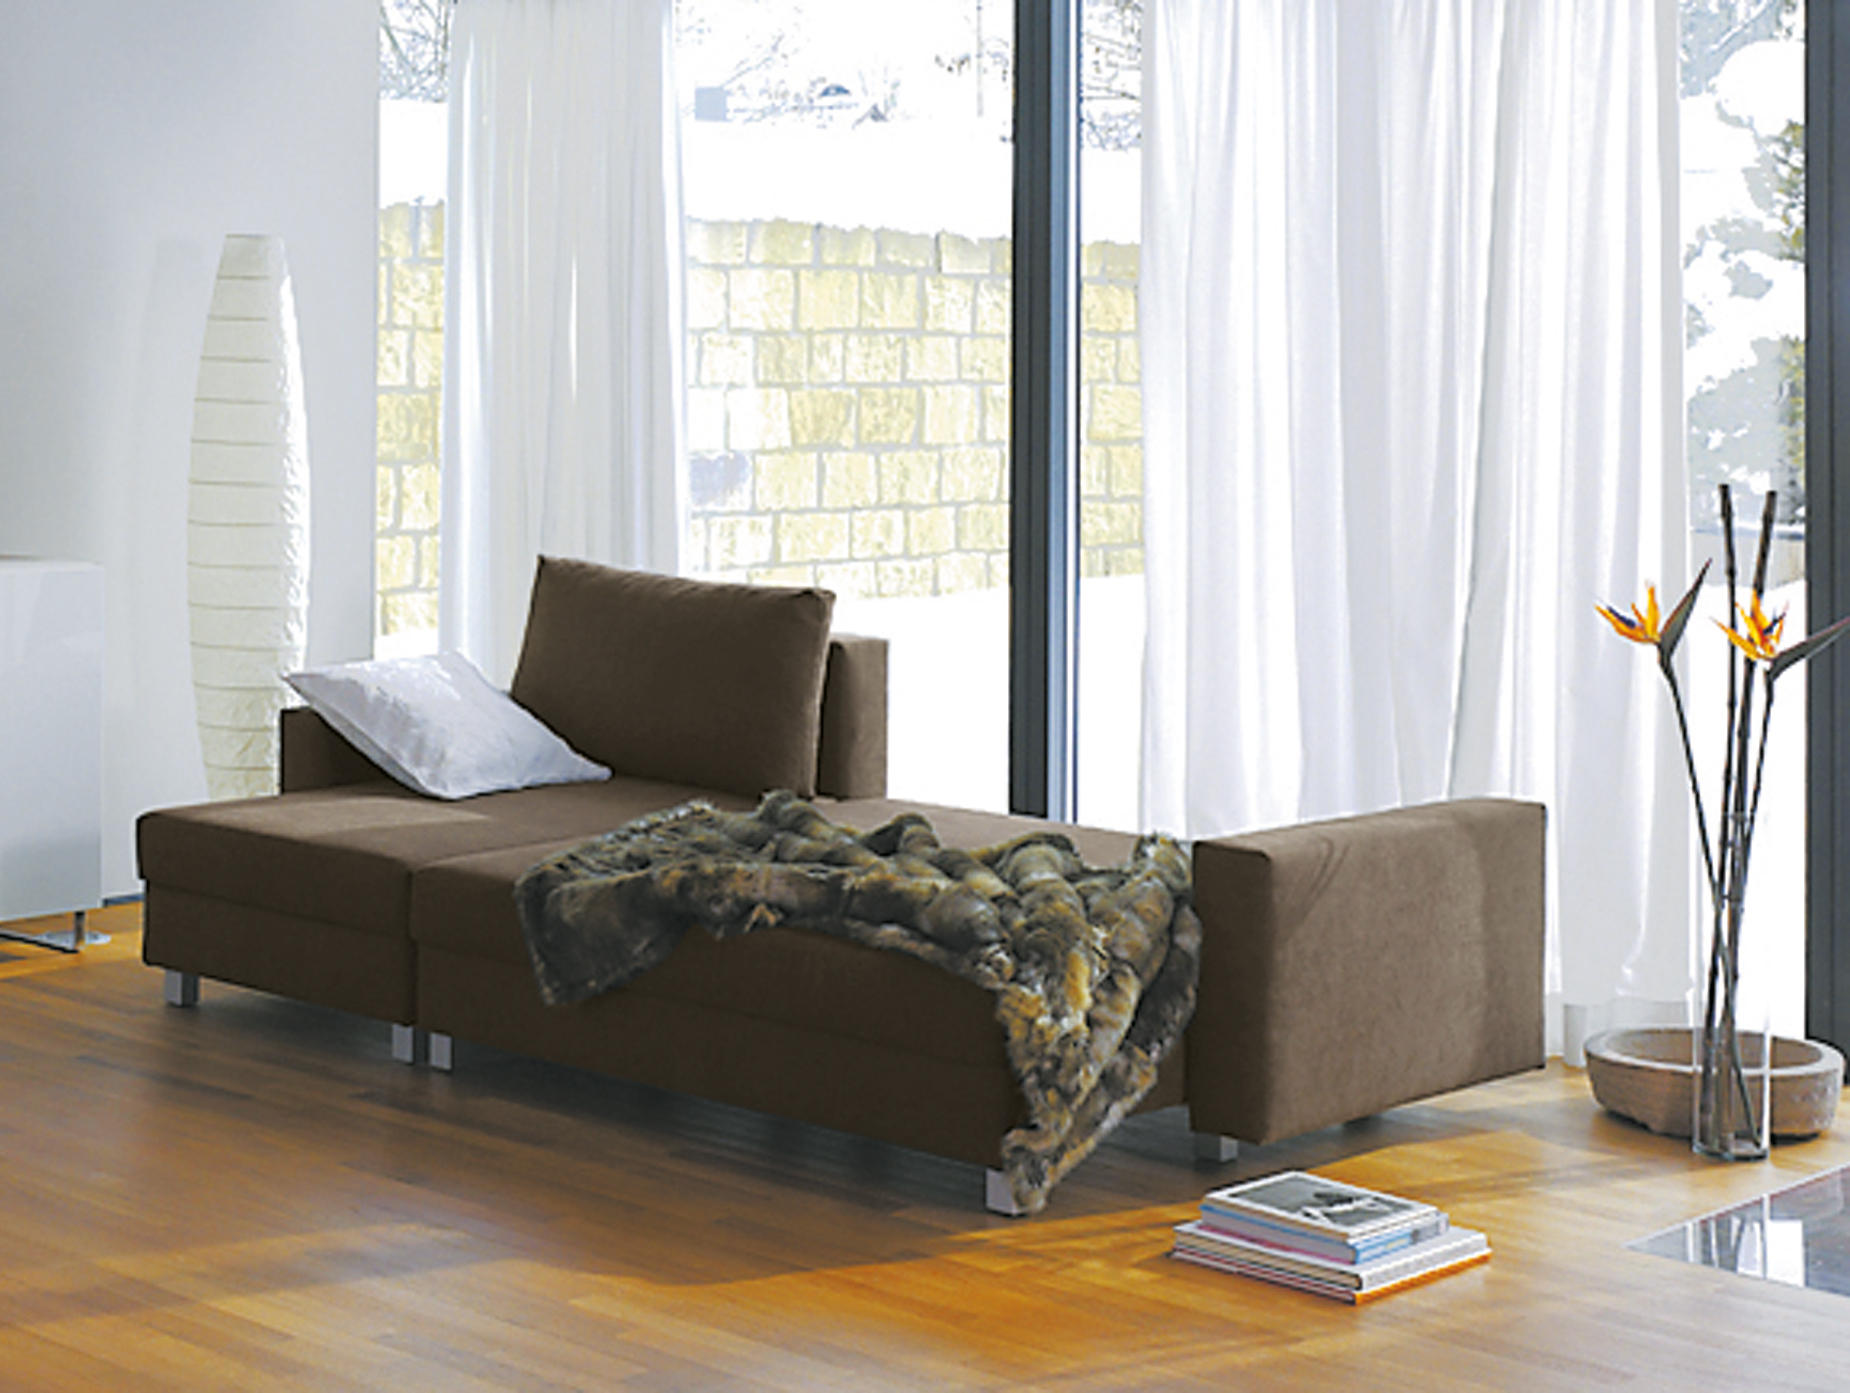 sonett sitzgruppe schlafsofas von die collection architonic. Black Bedroom Furniture Sets. Home Design Ideas